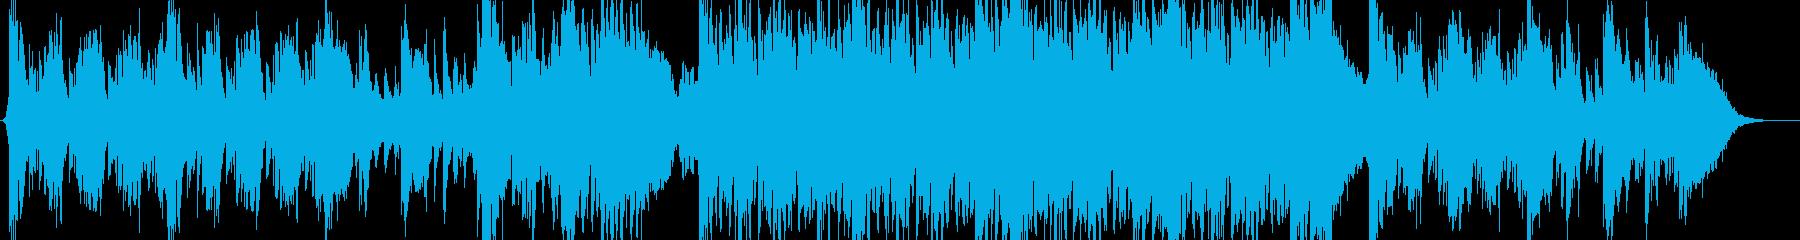 ダークな感じのシネマティックの再生済みの波形